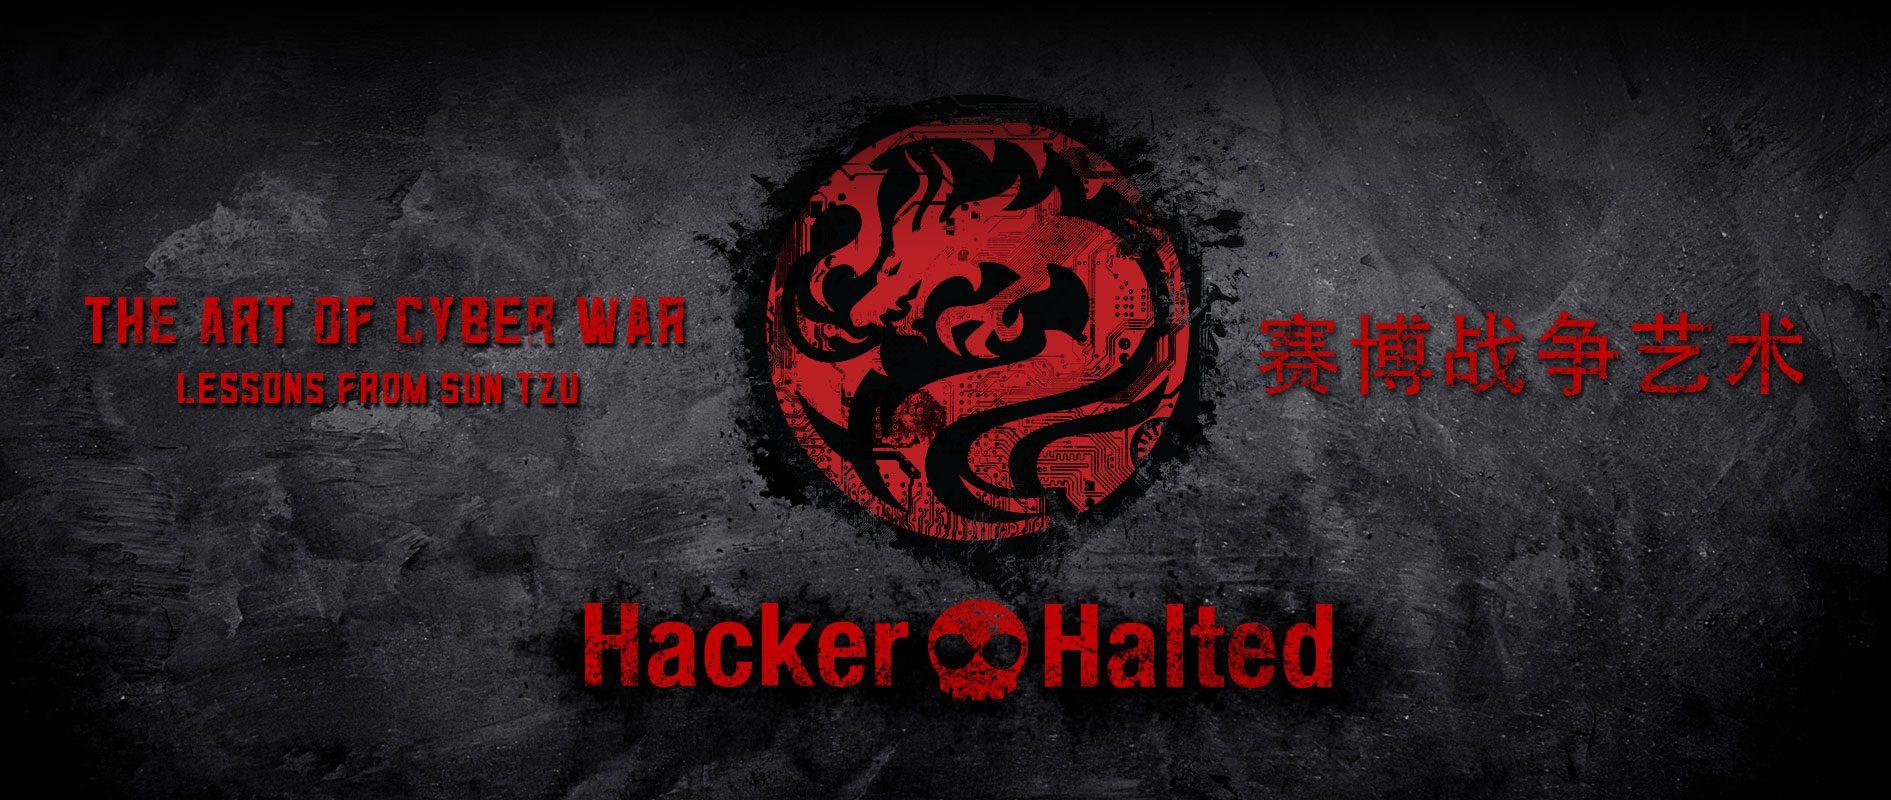 hh-artofcyberwar-4